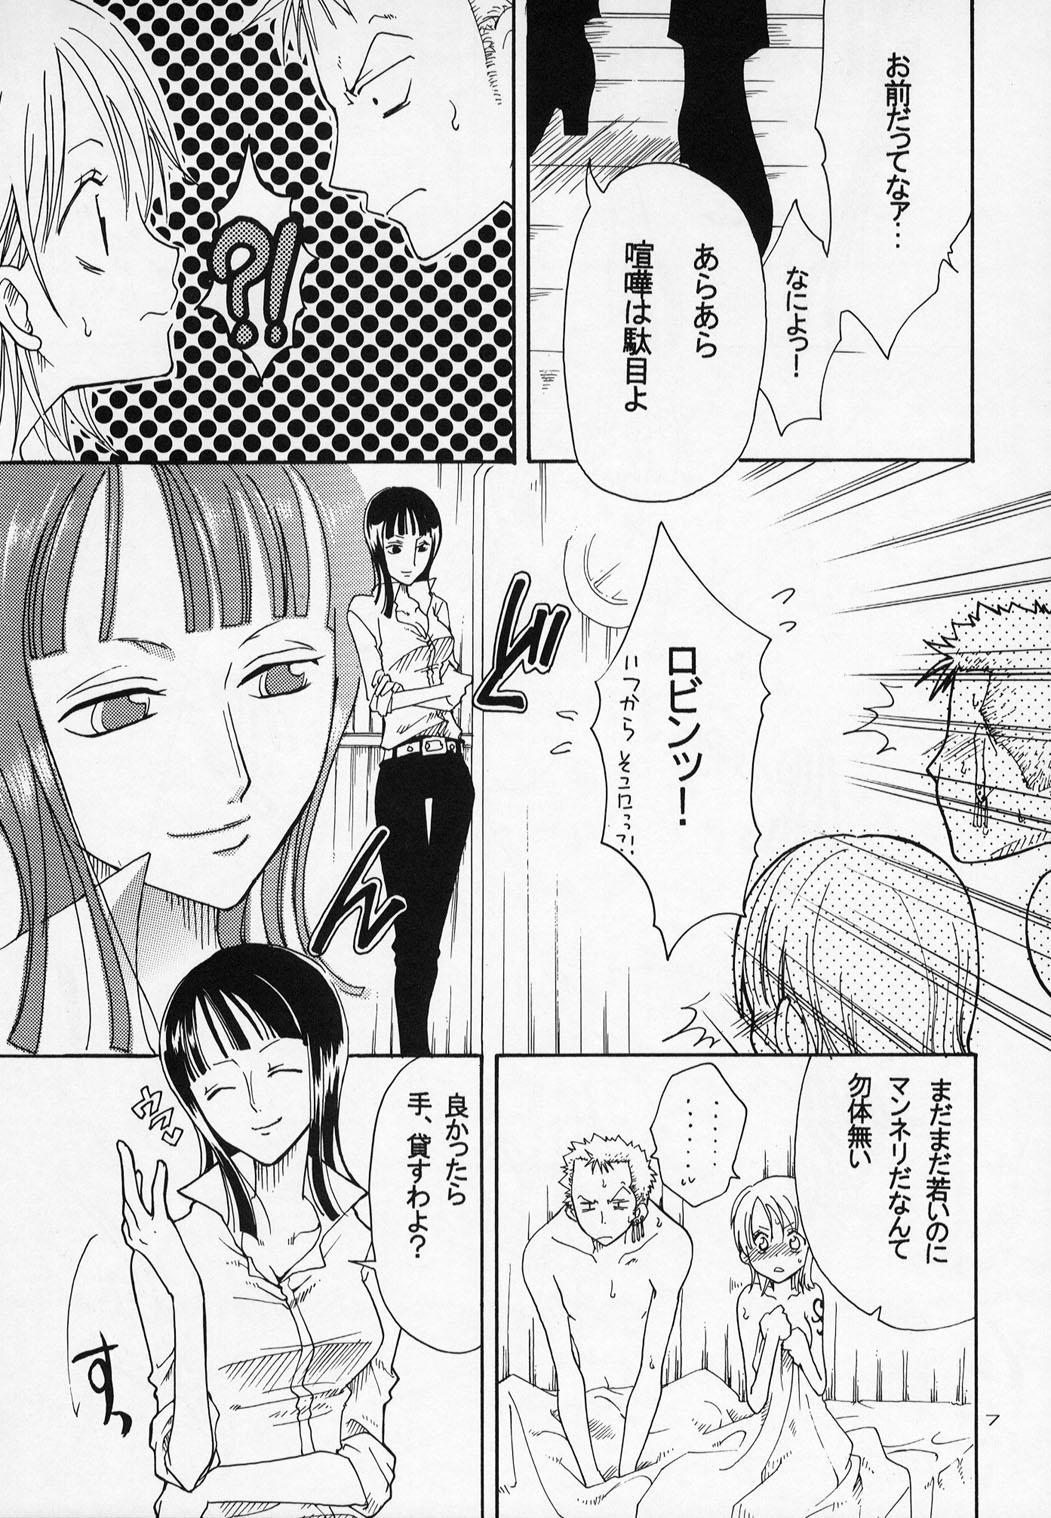 Shiawase Punch! 4 6